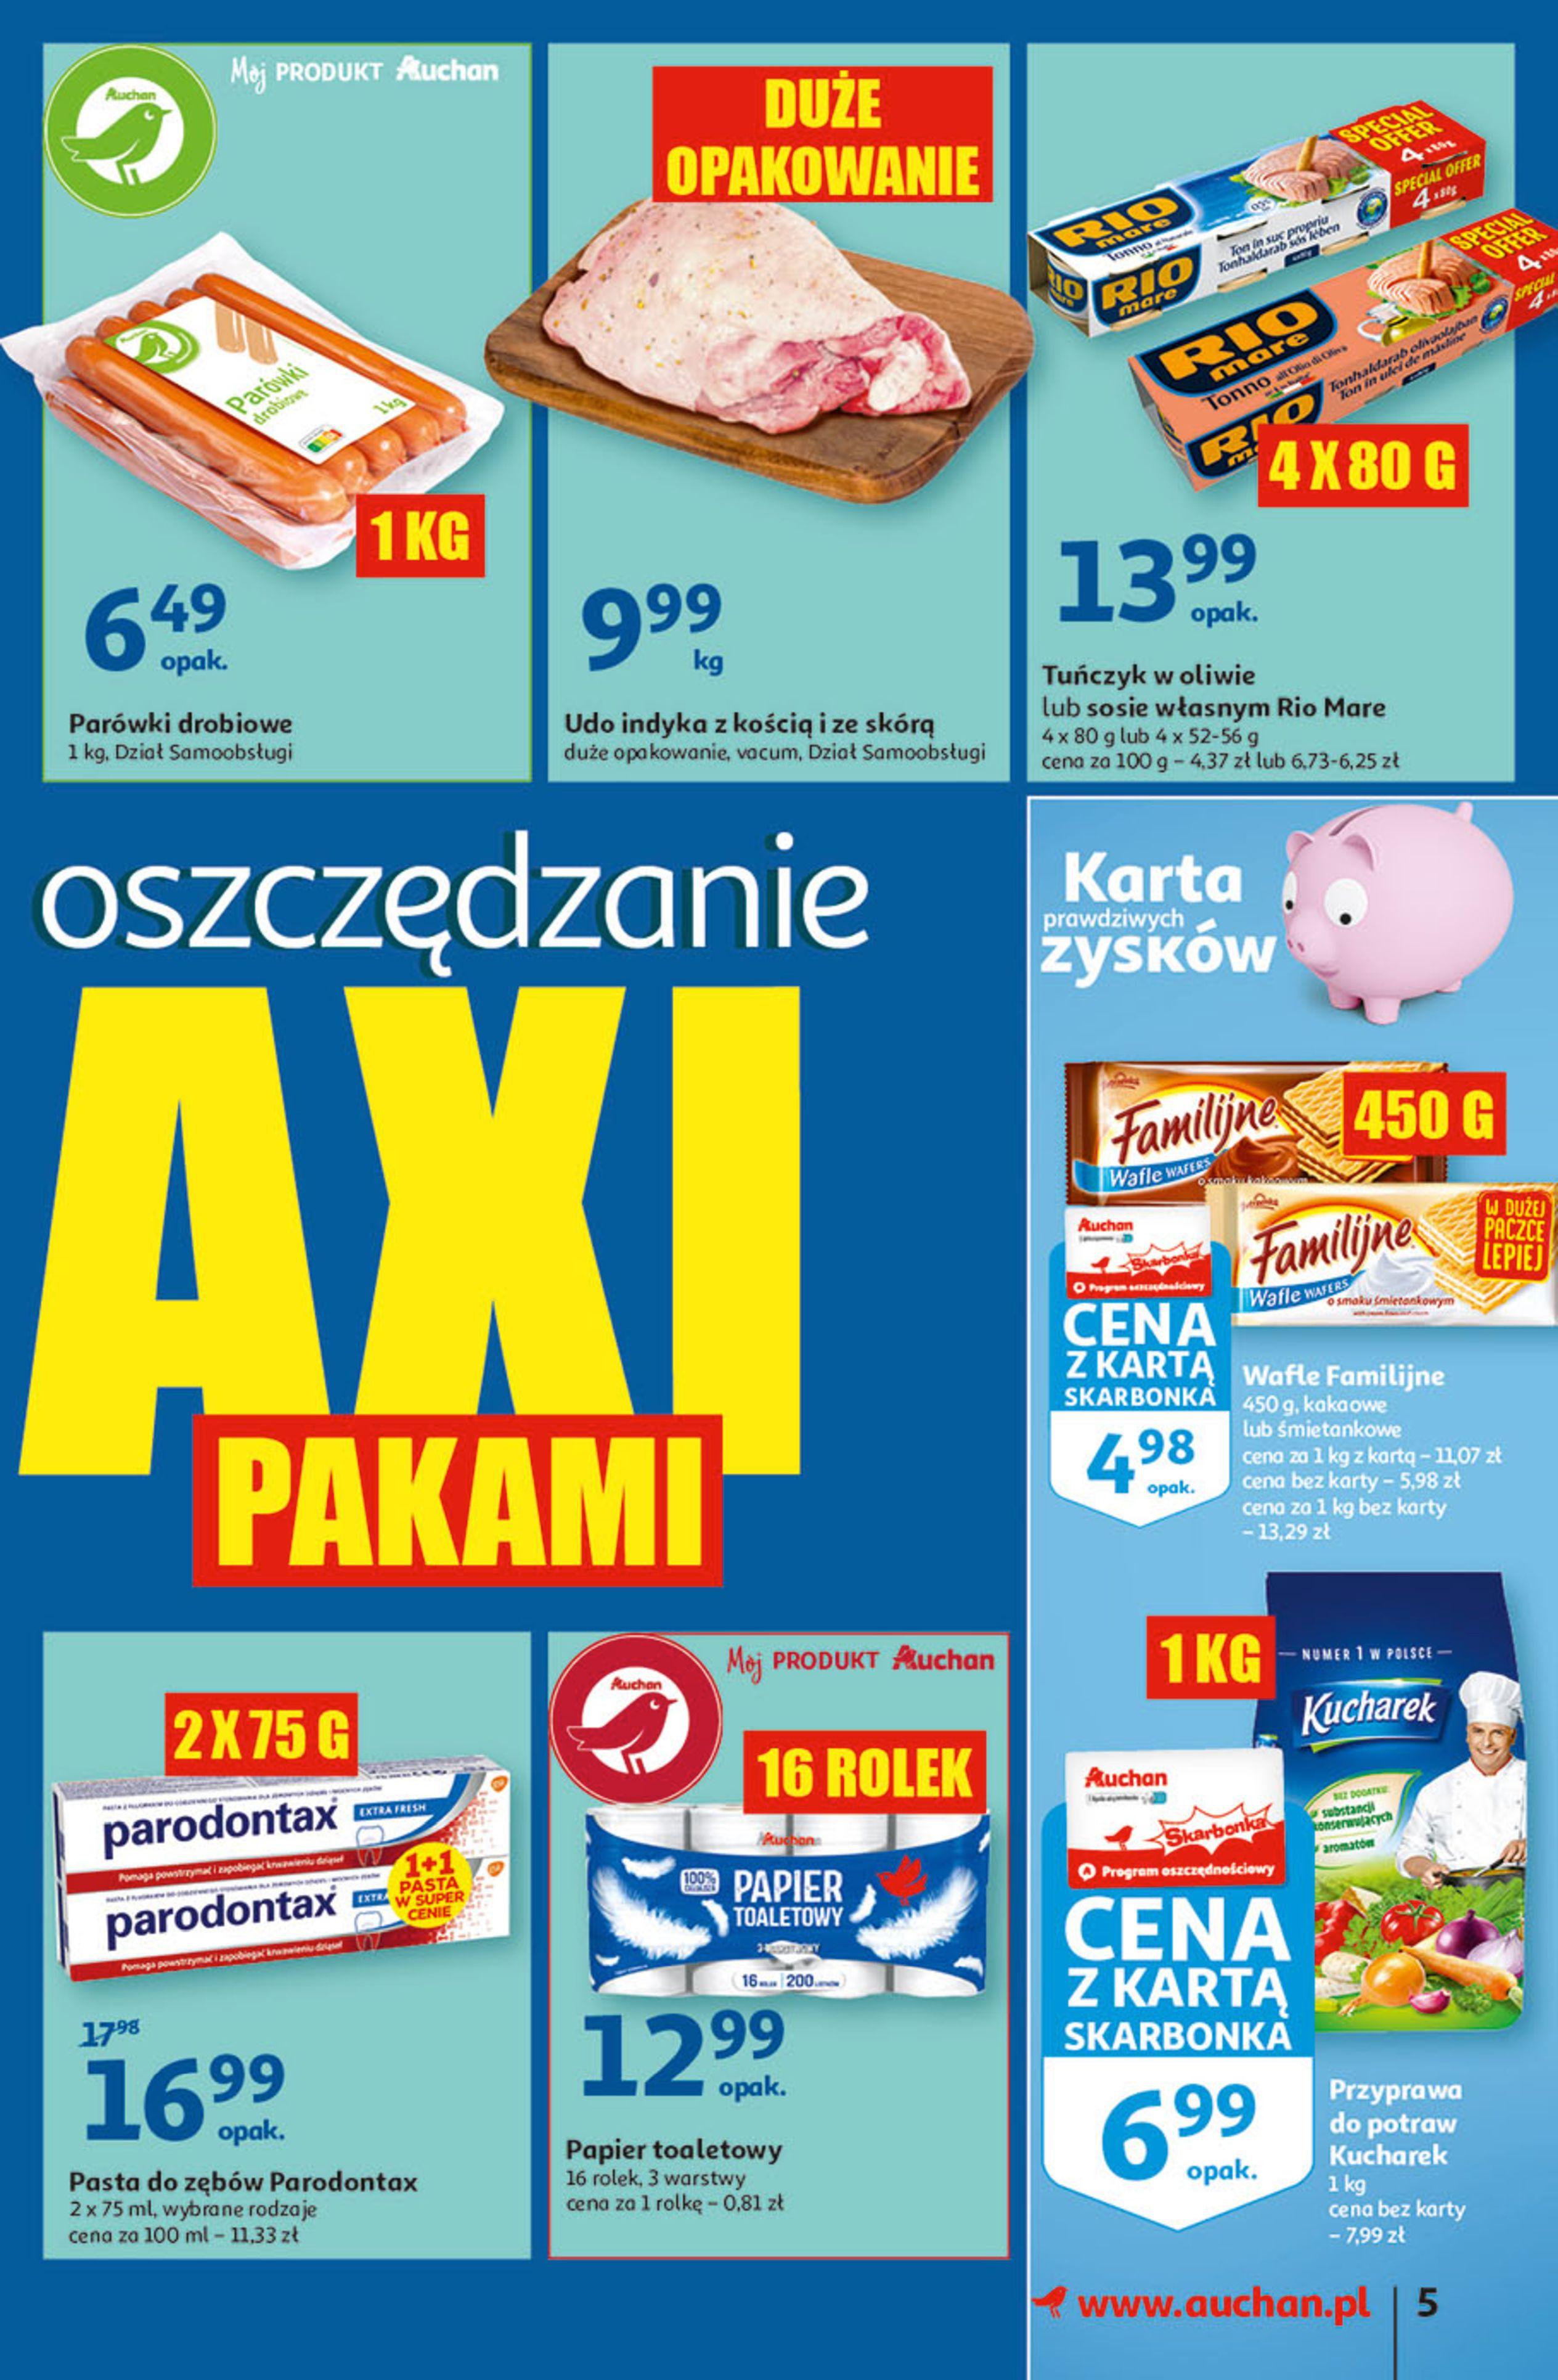 Gazetka Auchan: Gazetka Auchan - Hiperoszczędzanie w wersji Maxi Paki Hipermarkety 2021-09-16 page-5